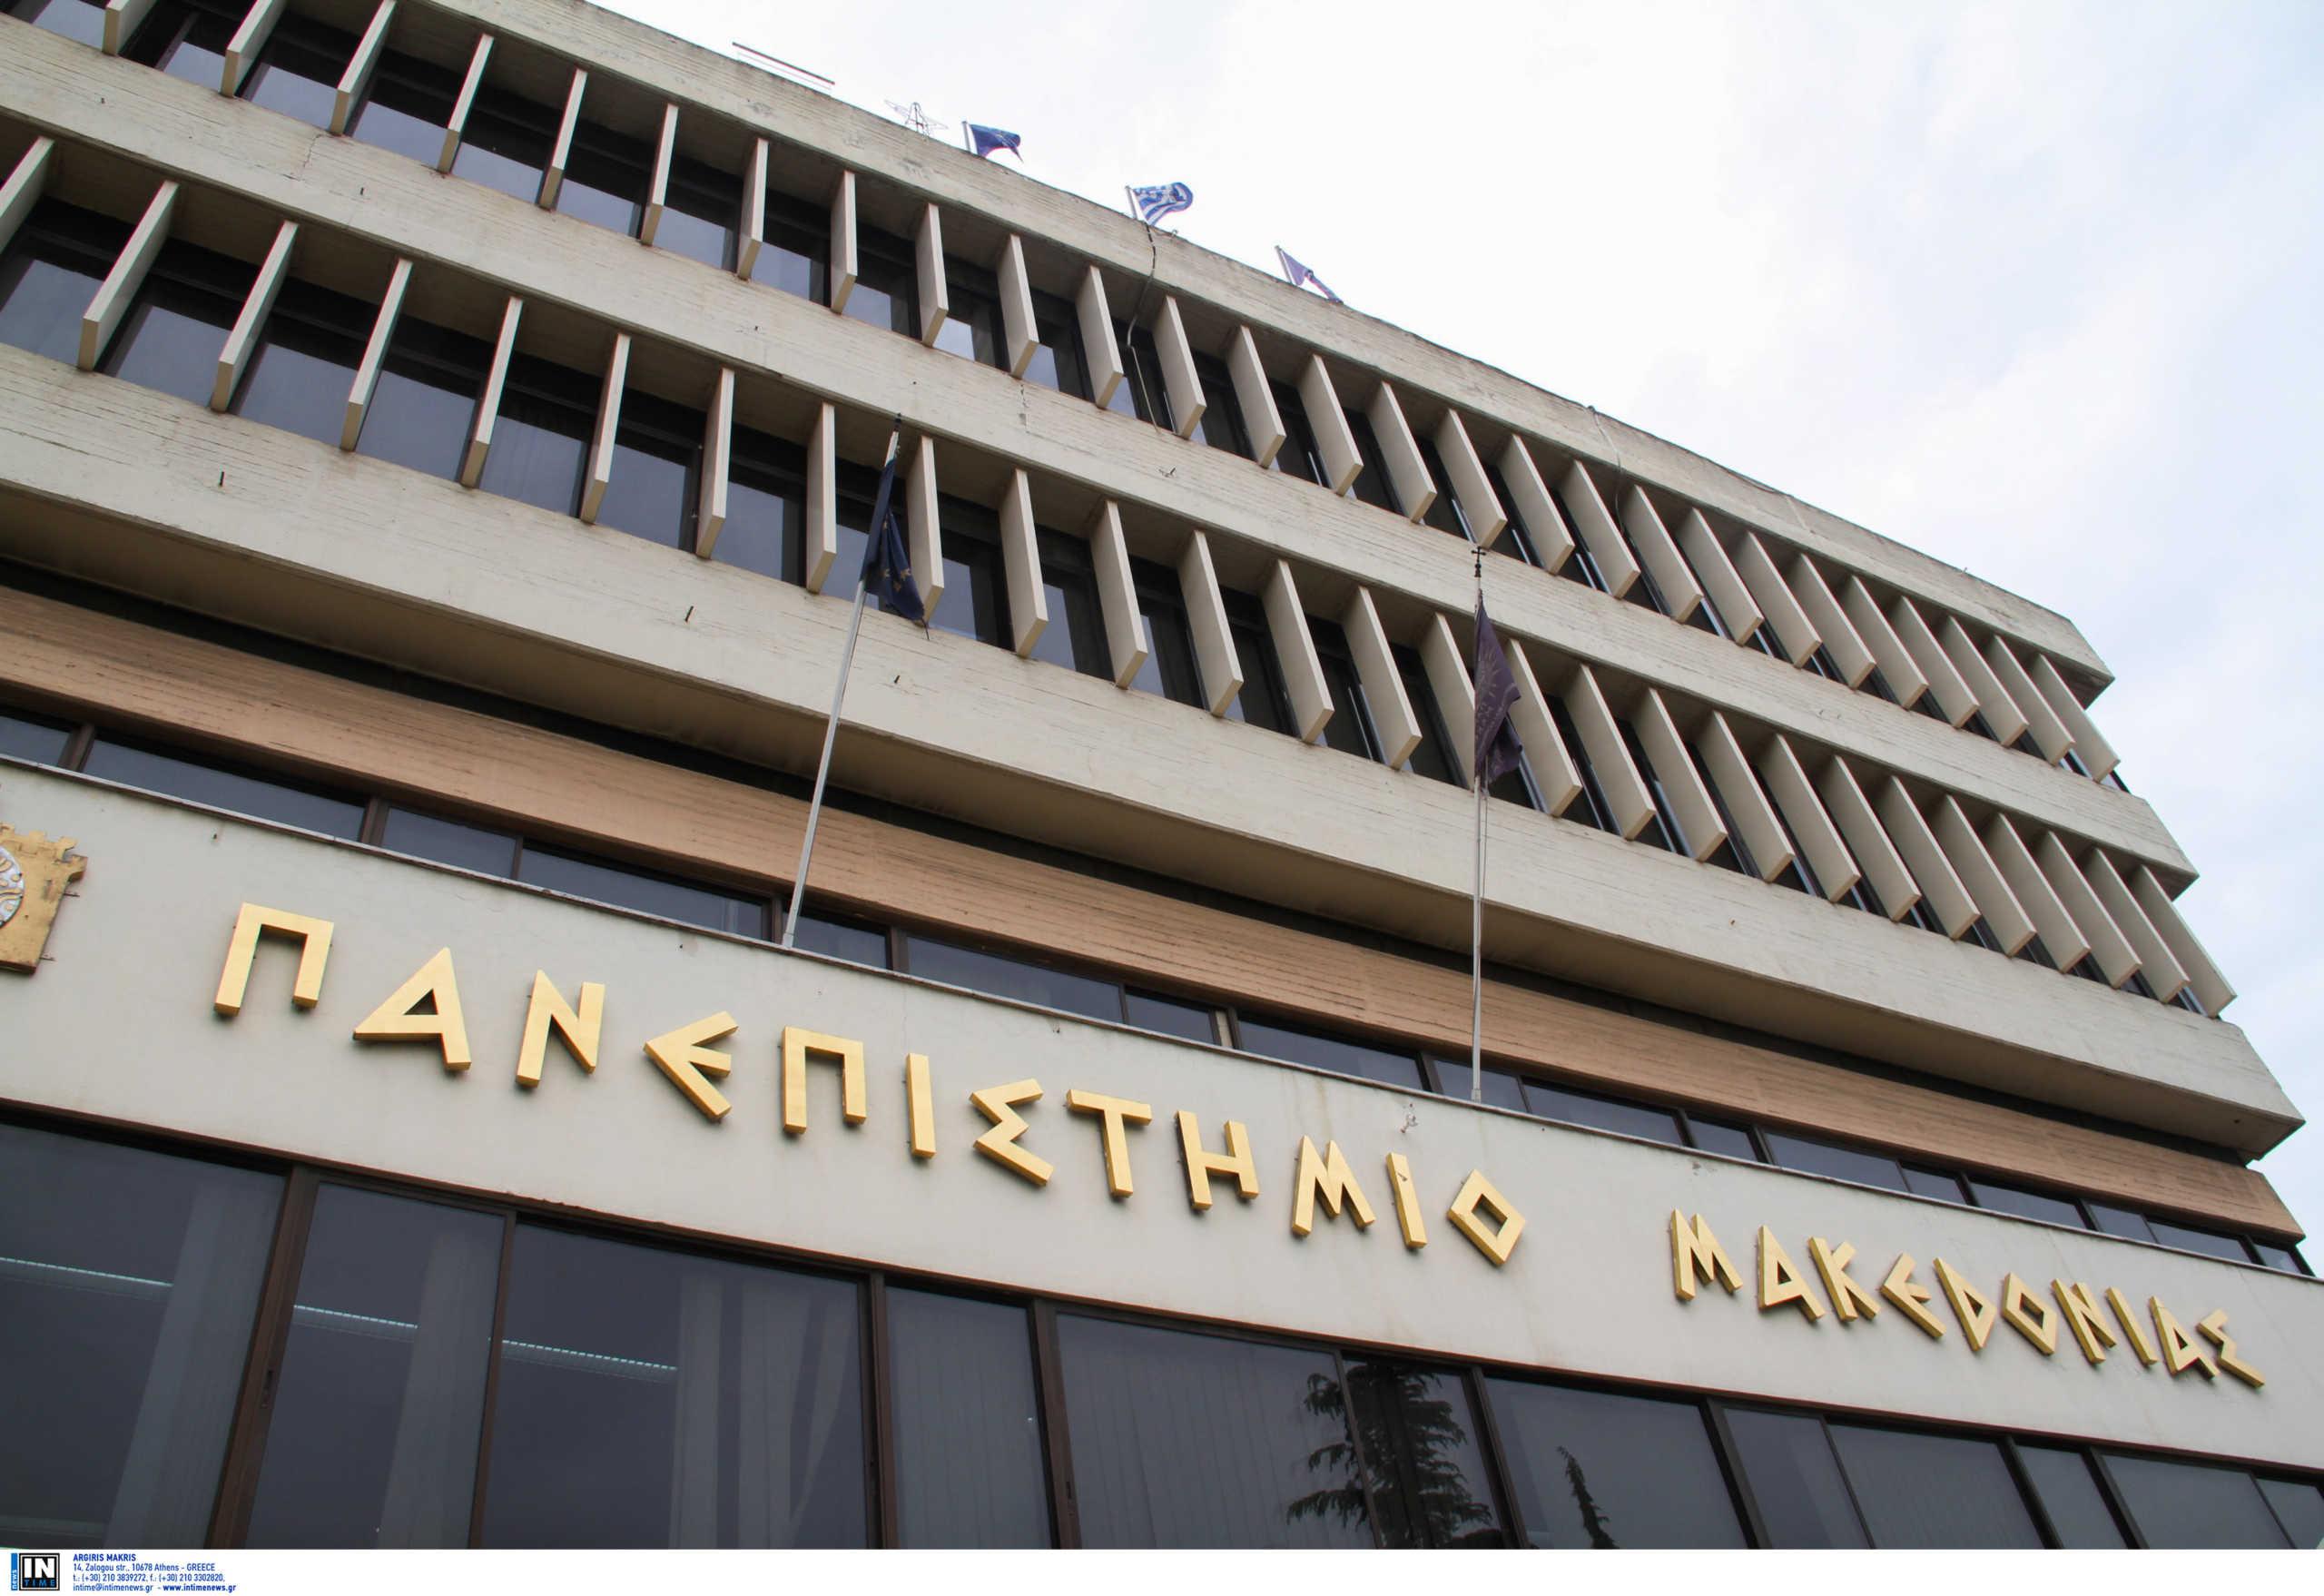 Εξ αποστάσεως οι εξετάσεις του εαρινού εξαμήνου στο Πανεπιστήμιο Μακεδονίας